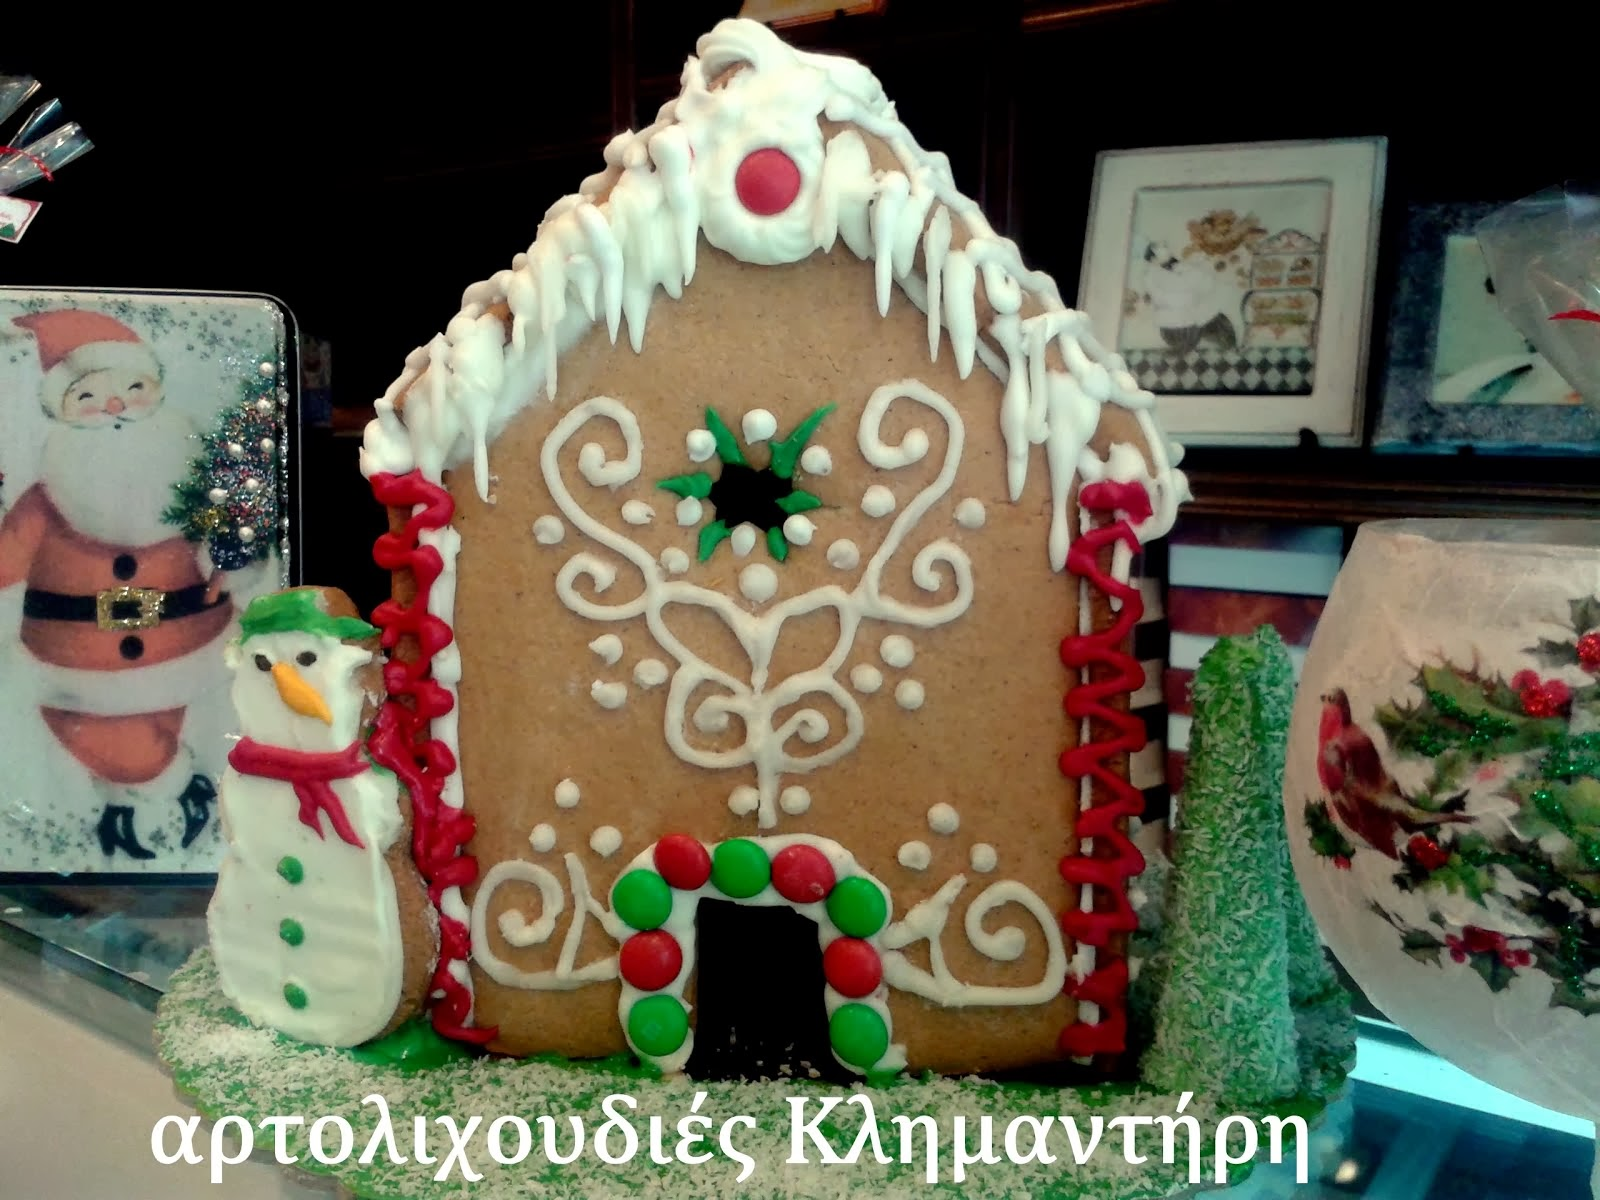 Χριστουγεννιάτικα μπισκοτόσπιτα!!!